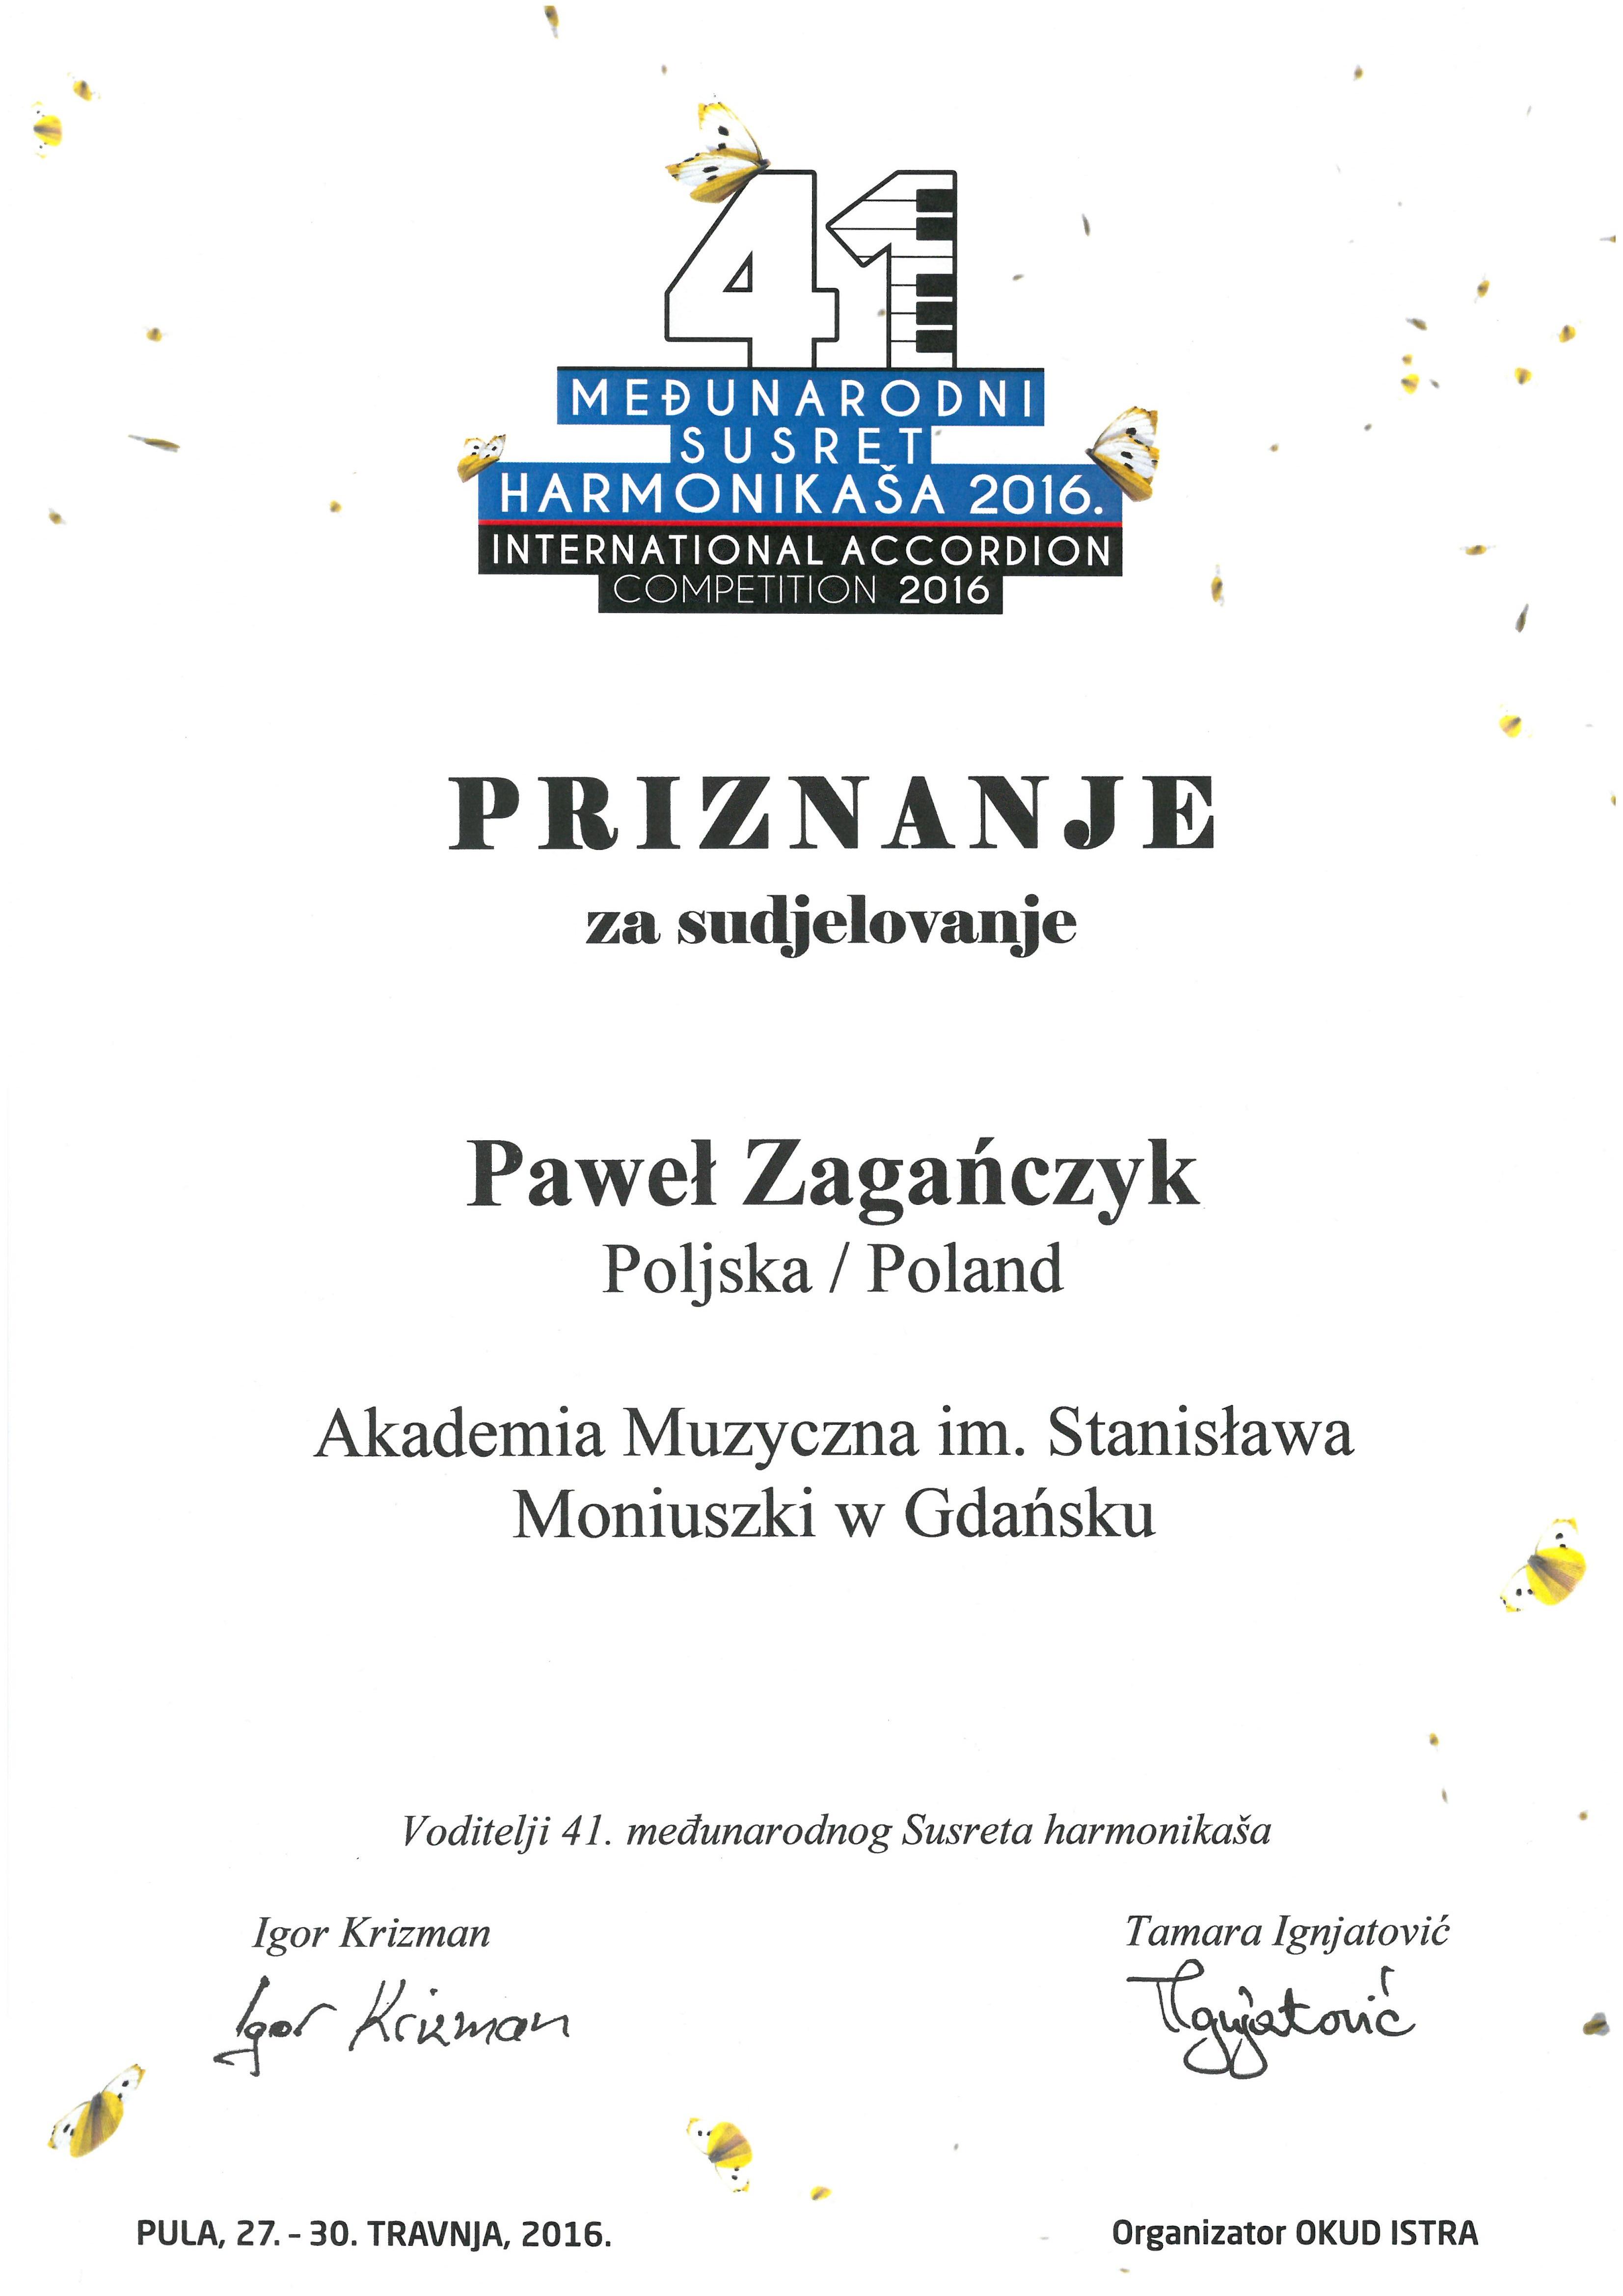 Paweł Zagańczyk_Pula_2016